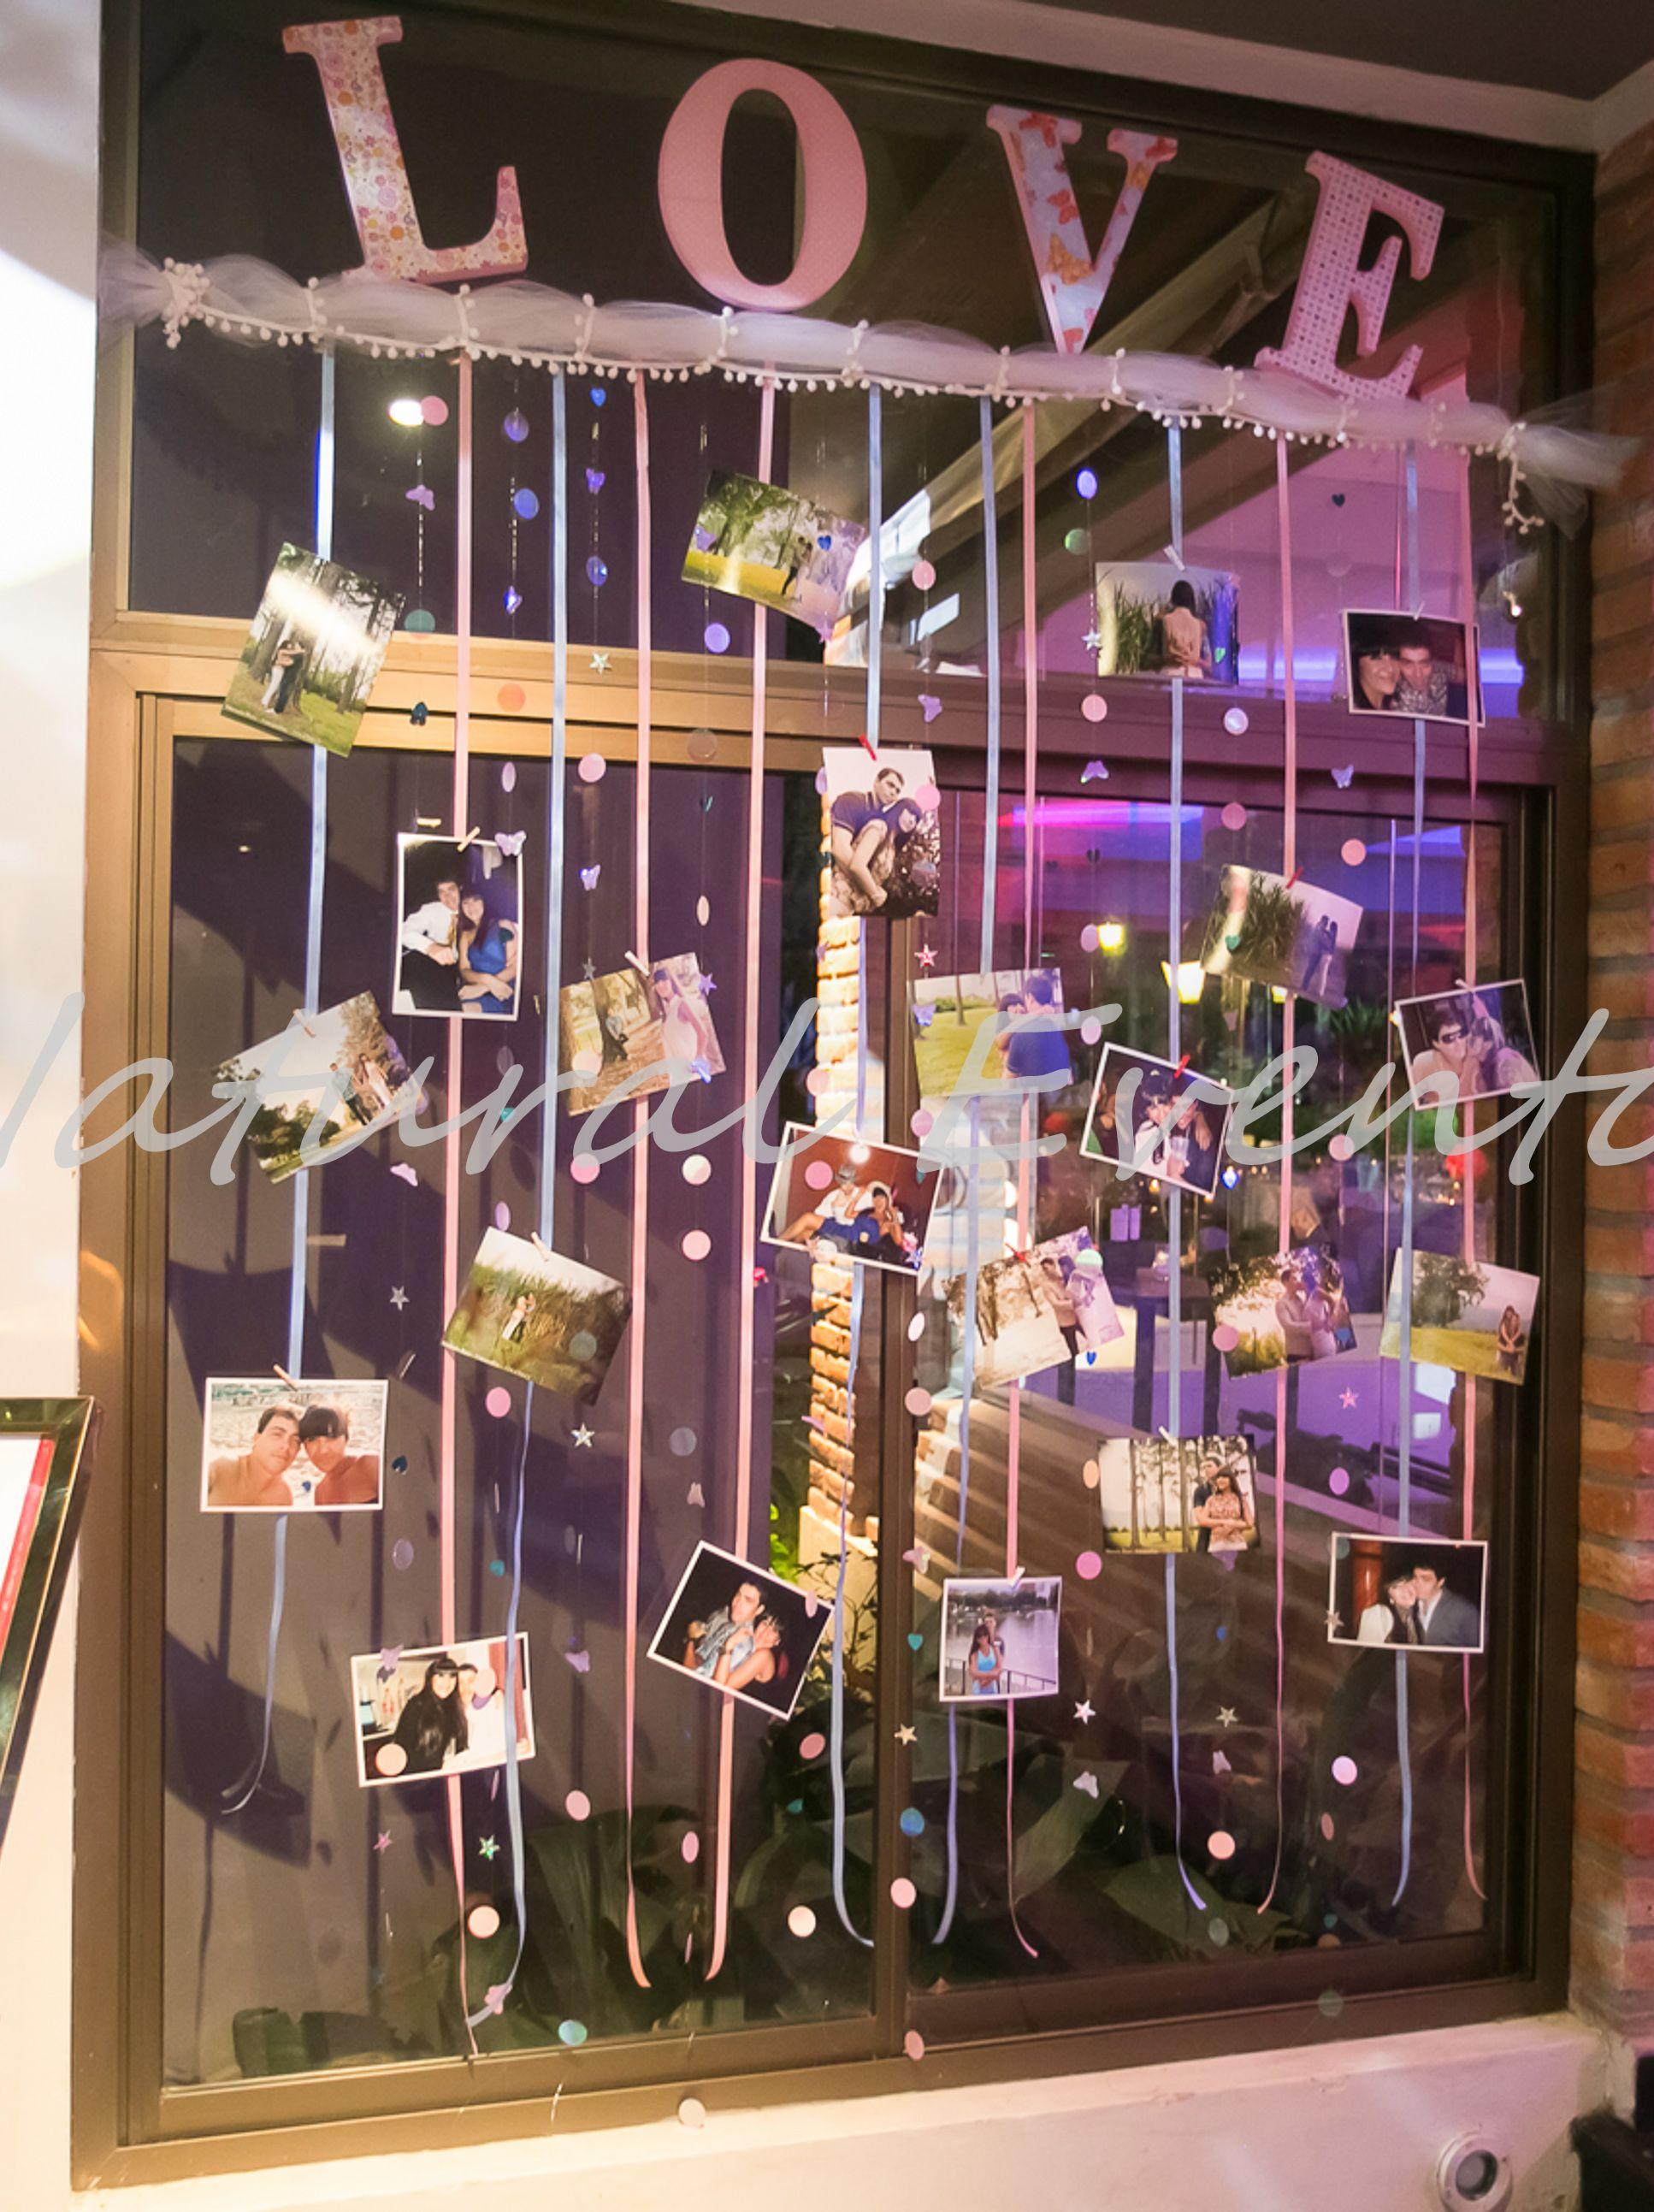 Panel de fotos con detalles y mucho amor bodas for Cuartos decorados para aniversario